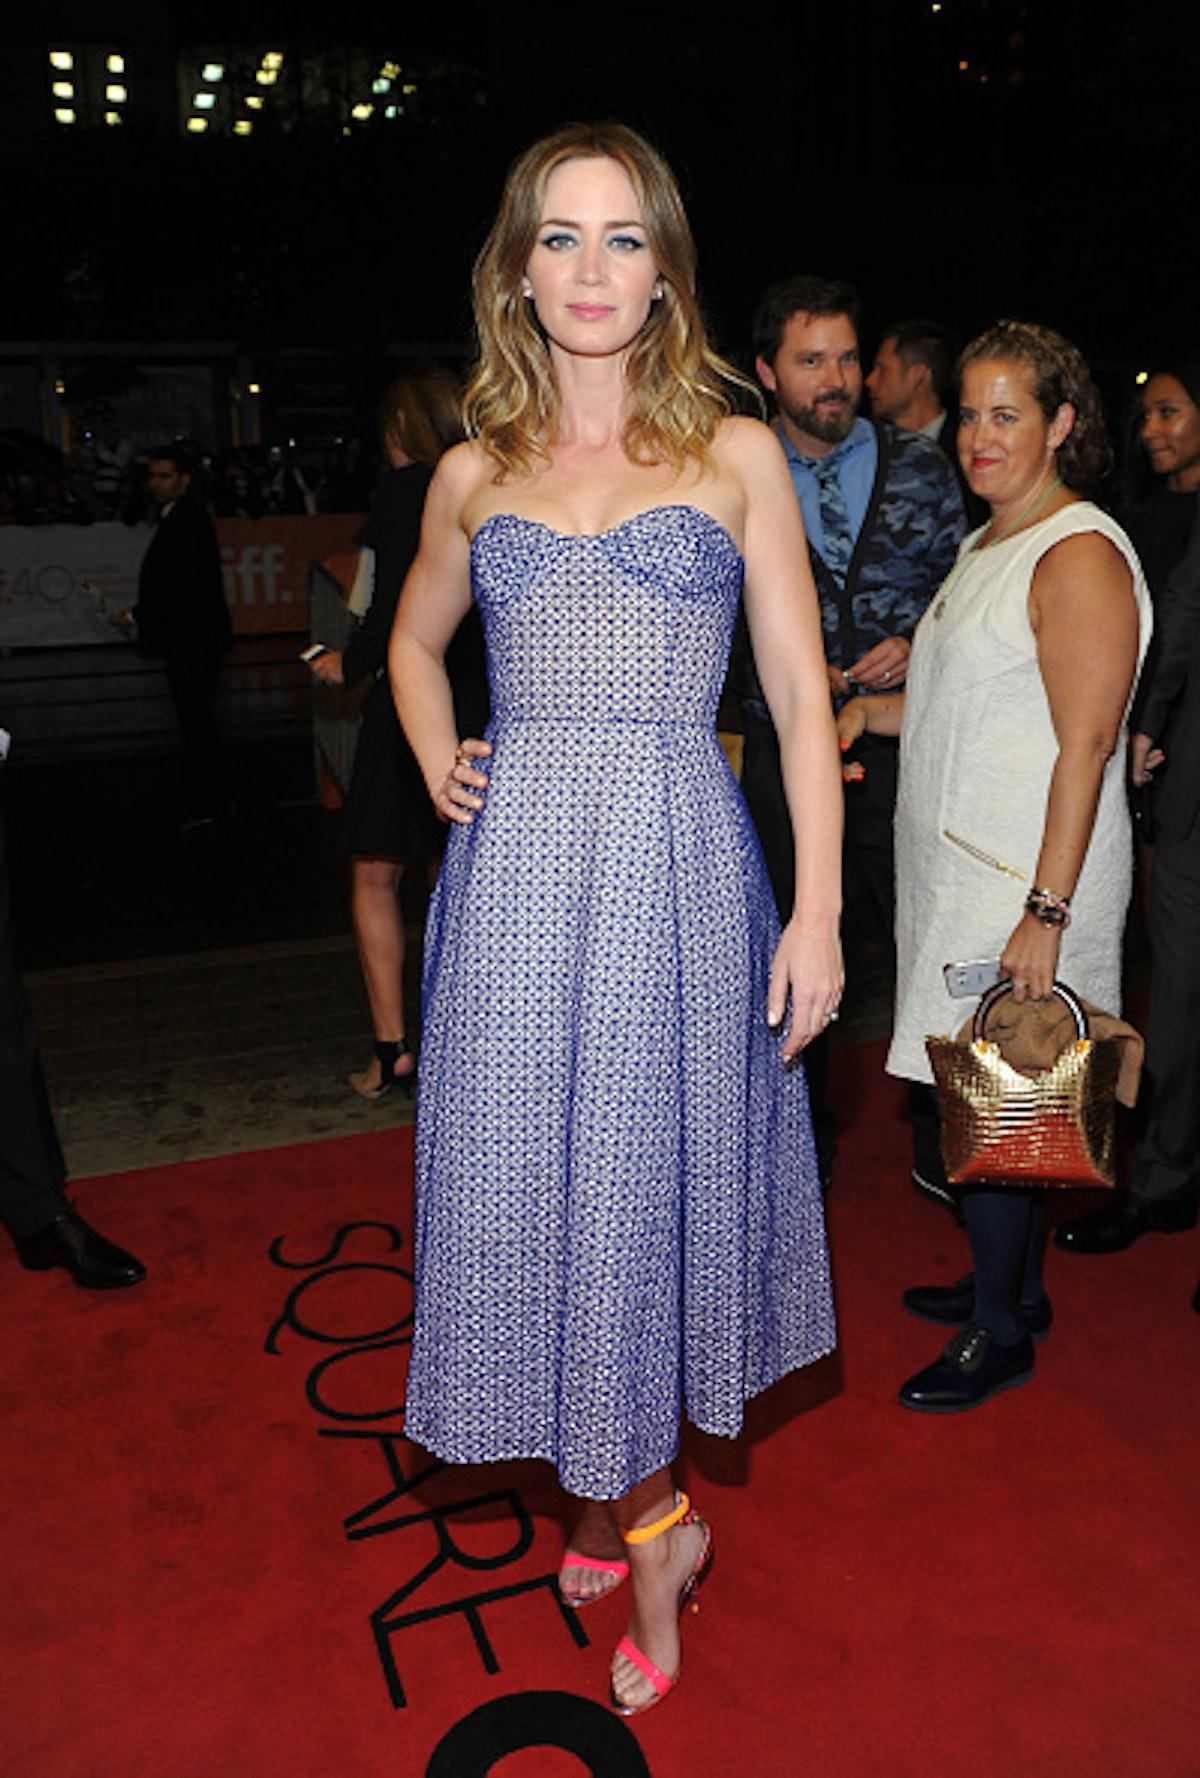 Emily Blunt in a blue little dress.